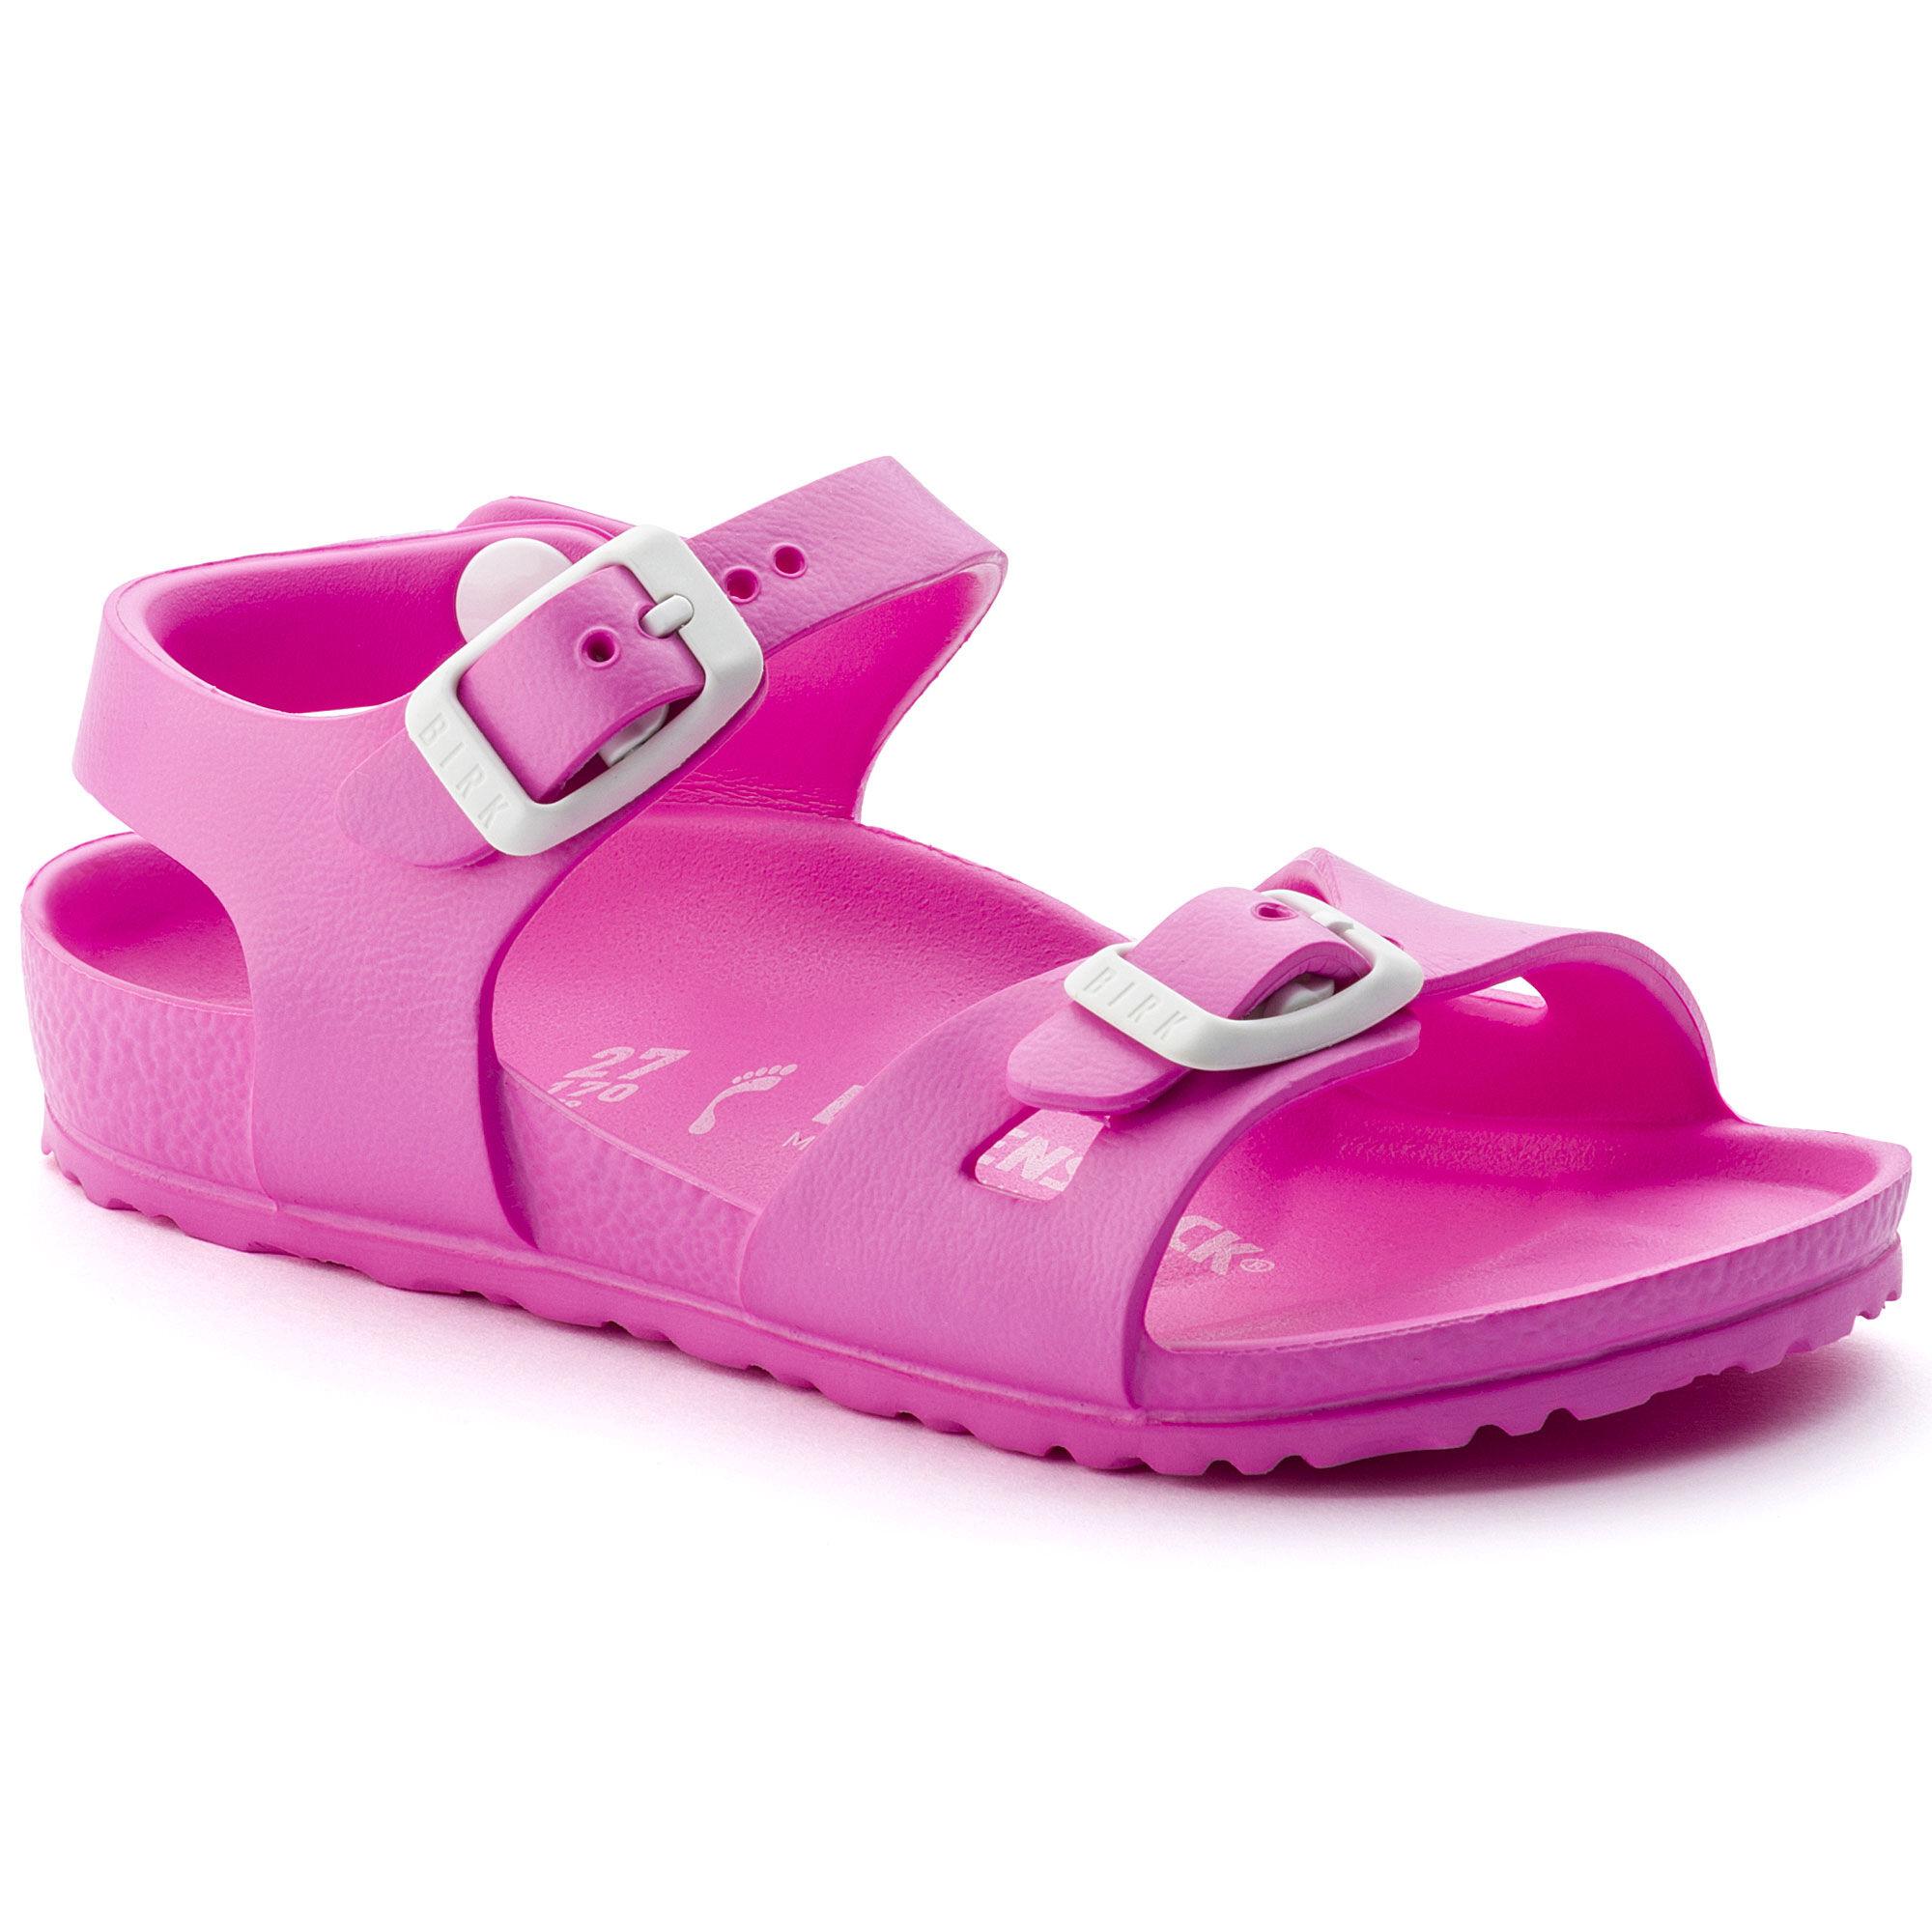 Rio Kids EVA Neon Pink | shop online at